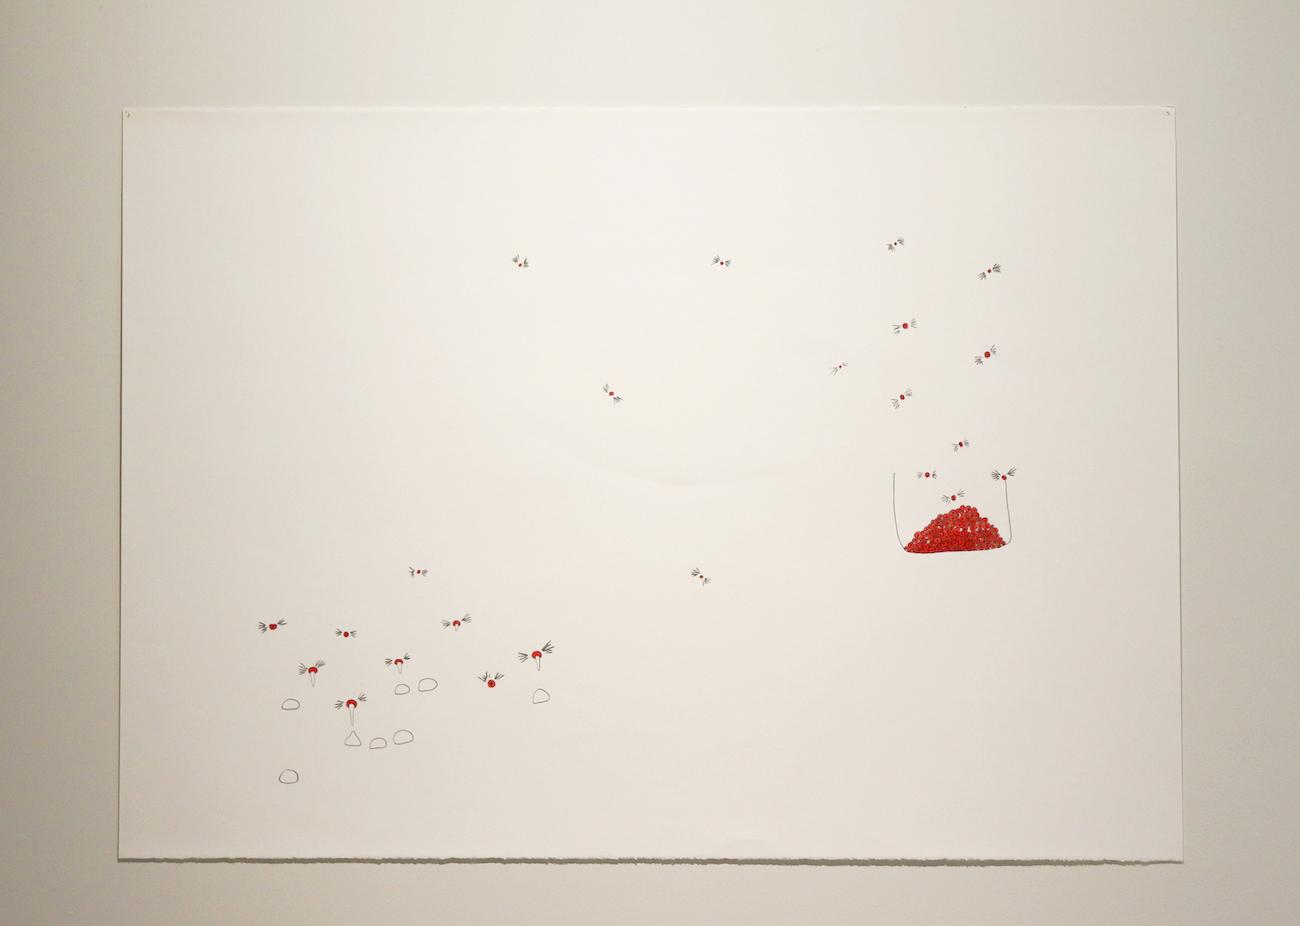 Mika Rottenberg, e22, 2005, pencil on paper, 76.2 x 101.6 cm (sheet)